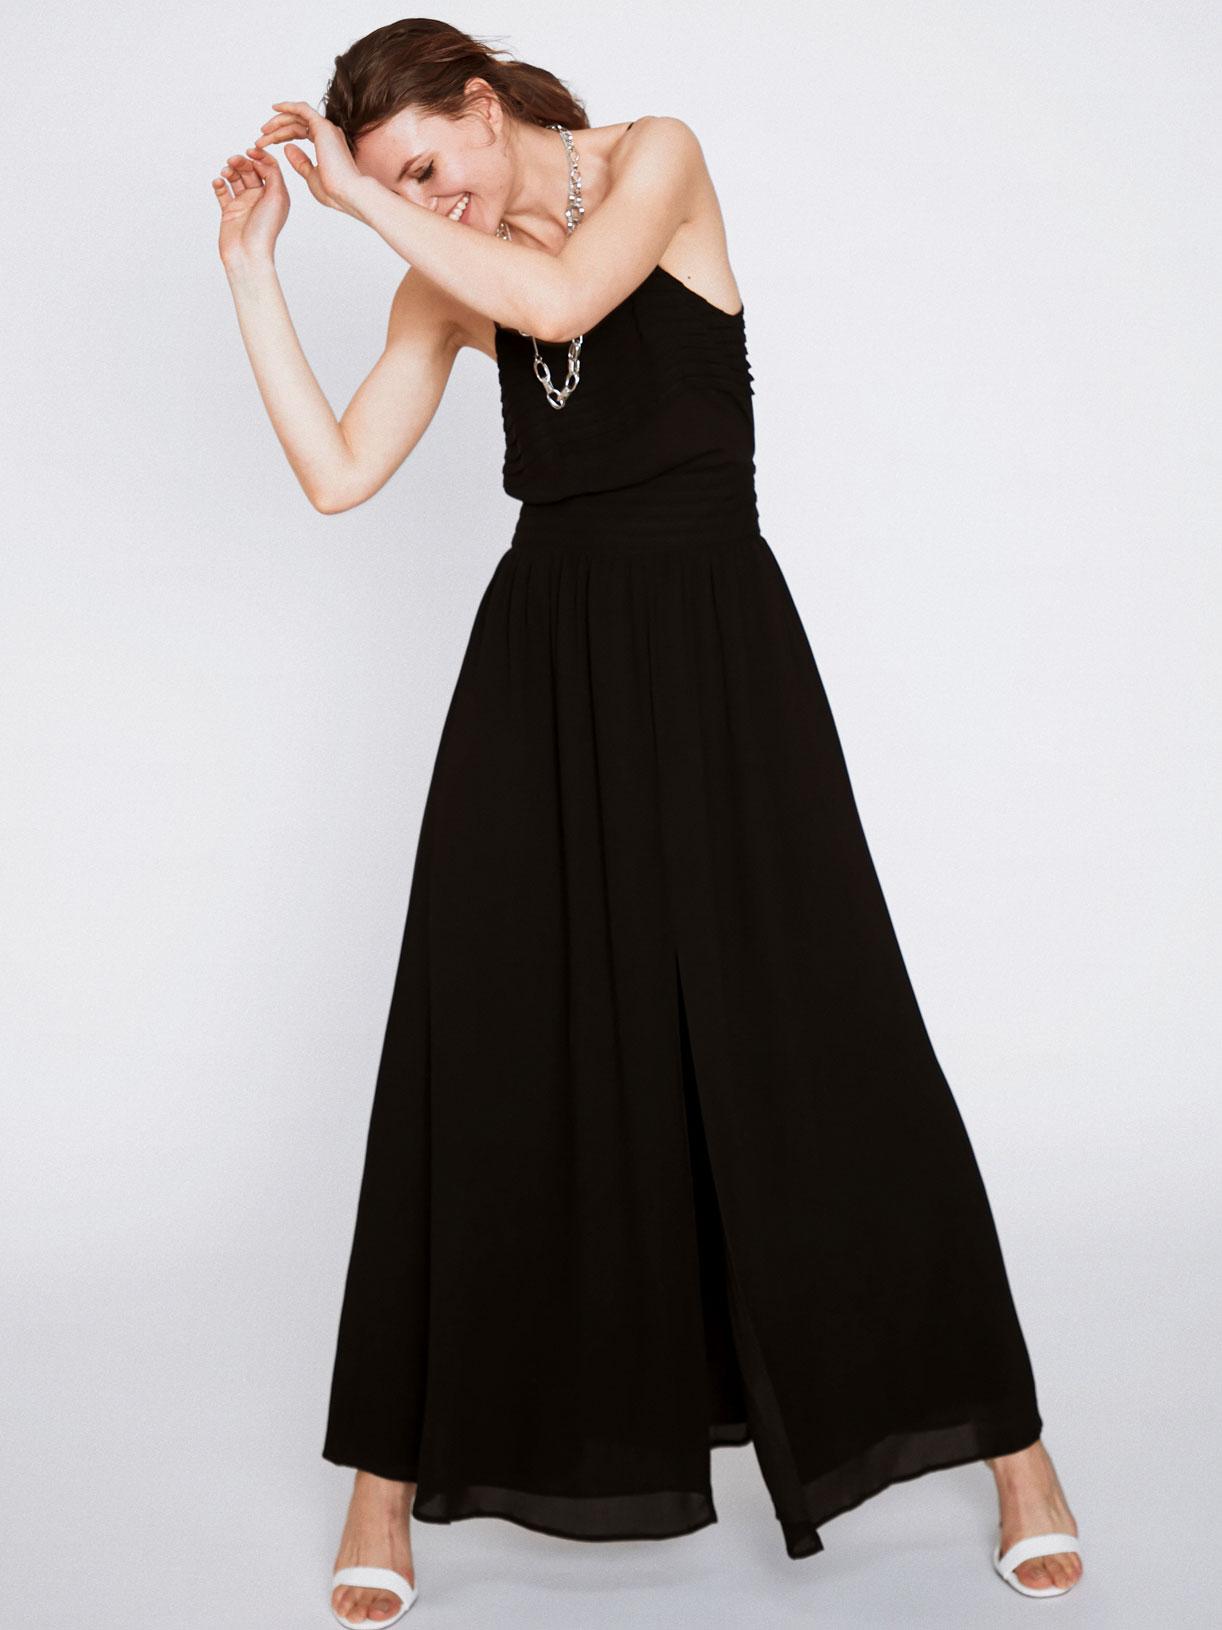 Jupe corolle longue fendue noire de soirée écoresponsable - Creatrice de mode éthique et bio a Paris - Myphilosophy